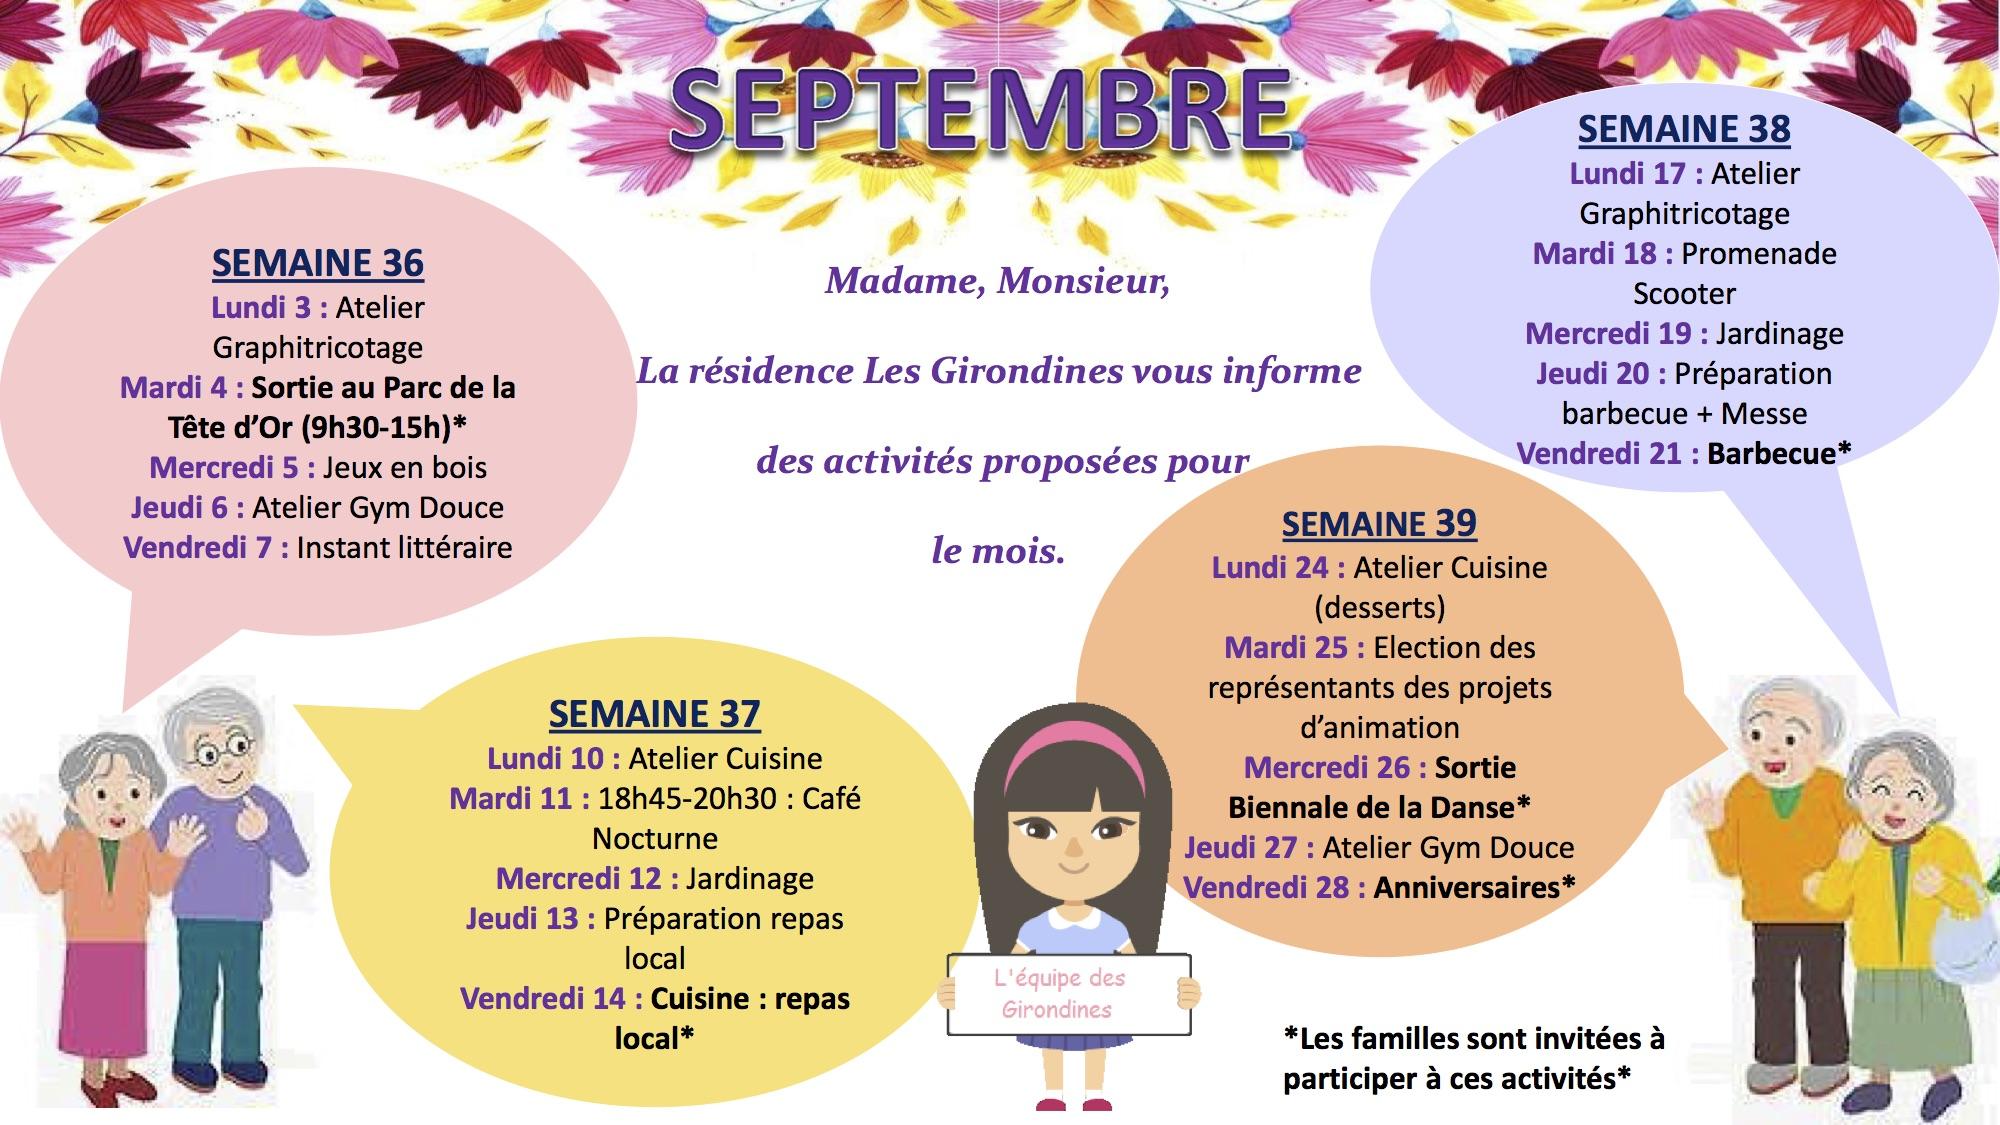 Programme des activités du mois de septembre 2018 (format jpg)